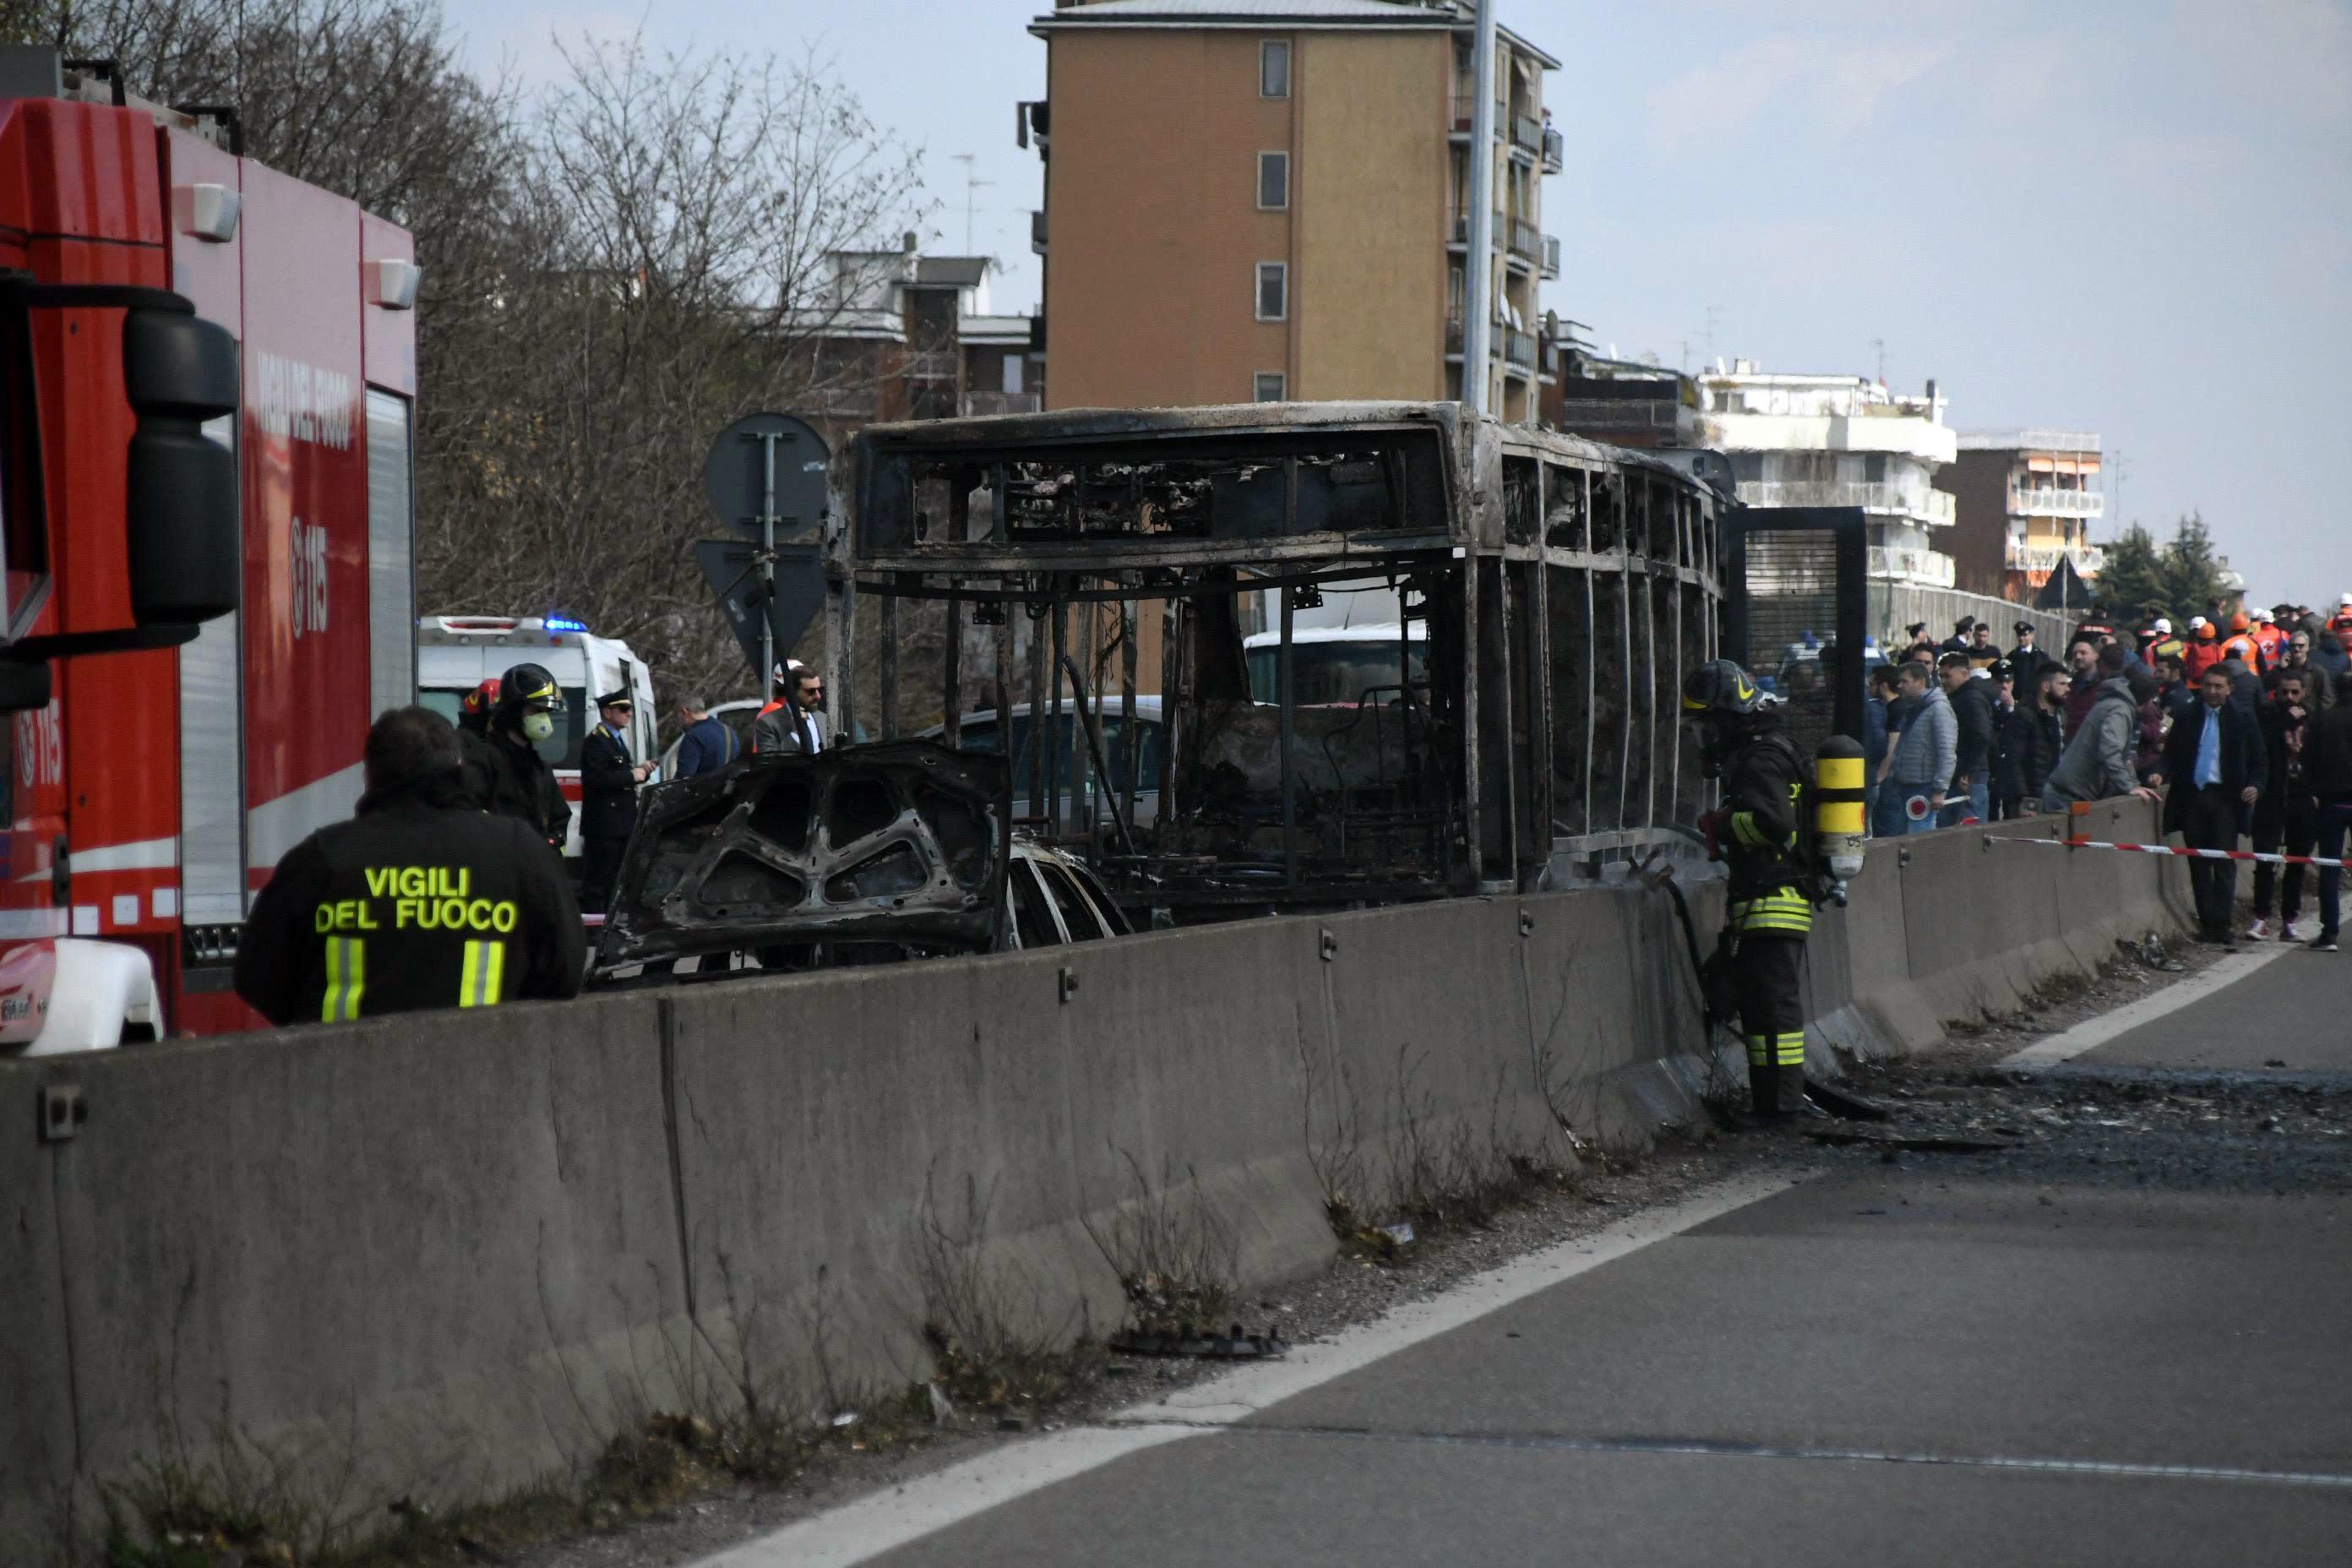 Italy: Driver abducts schoolchildren, sets bus ablaze